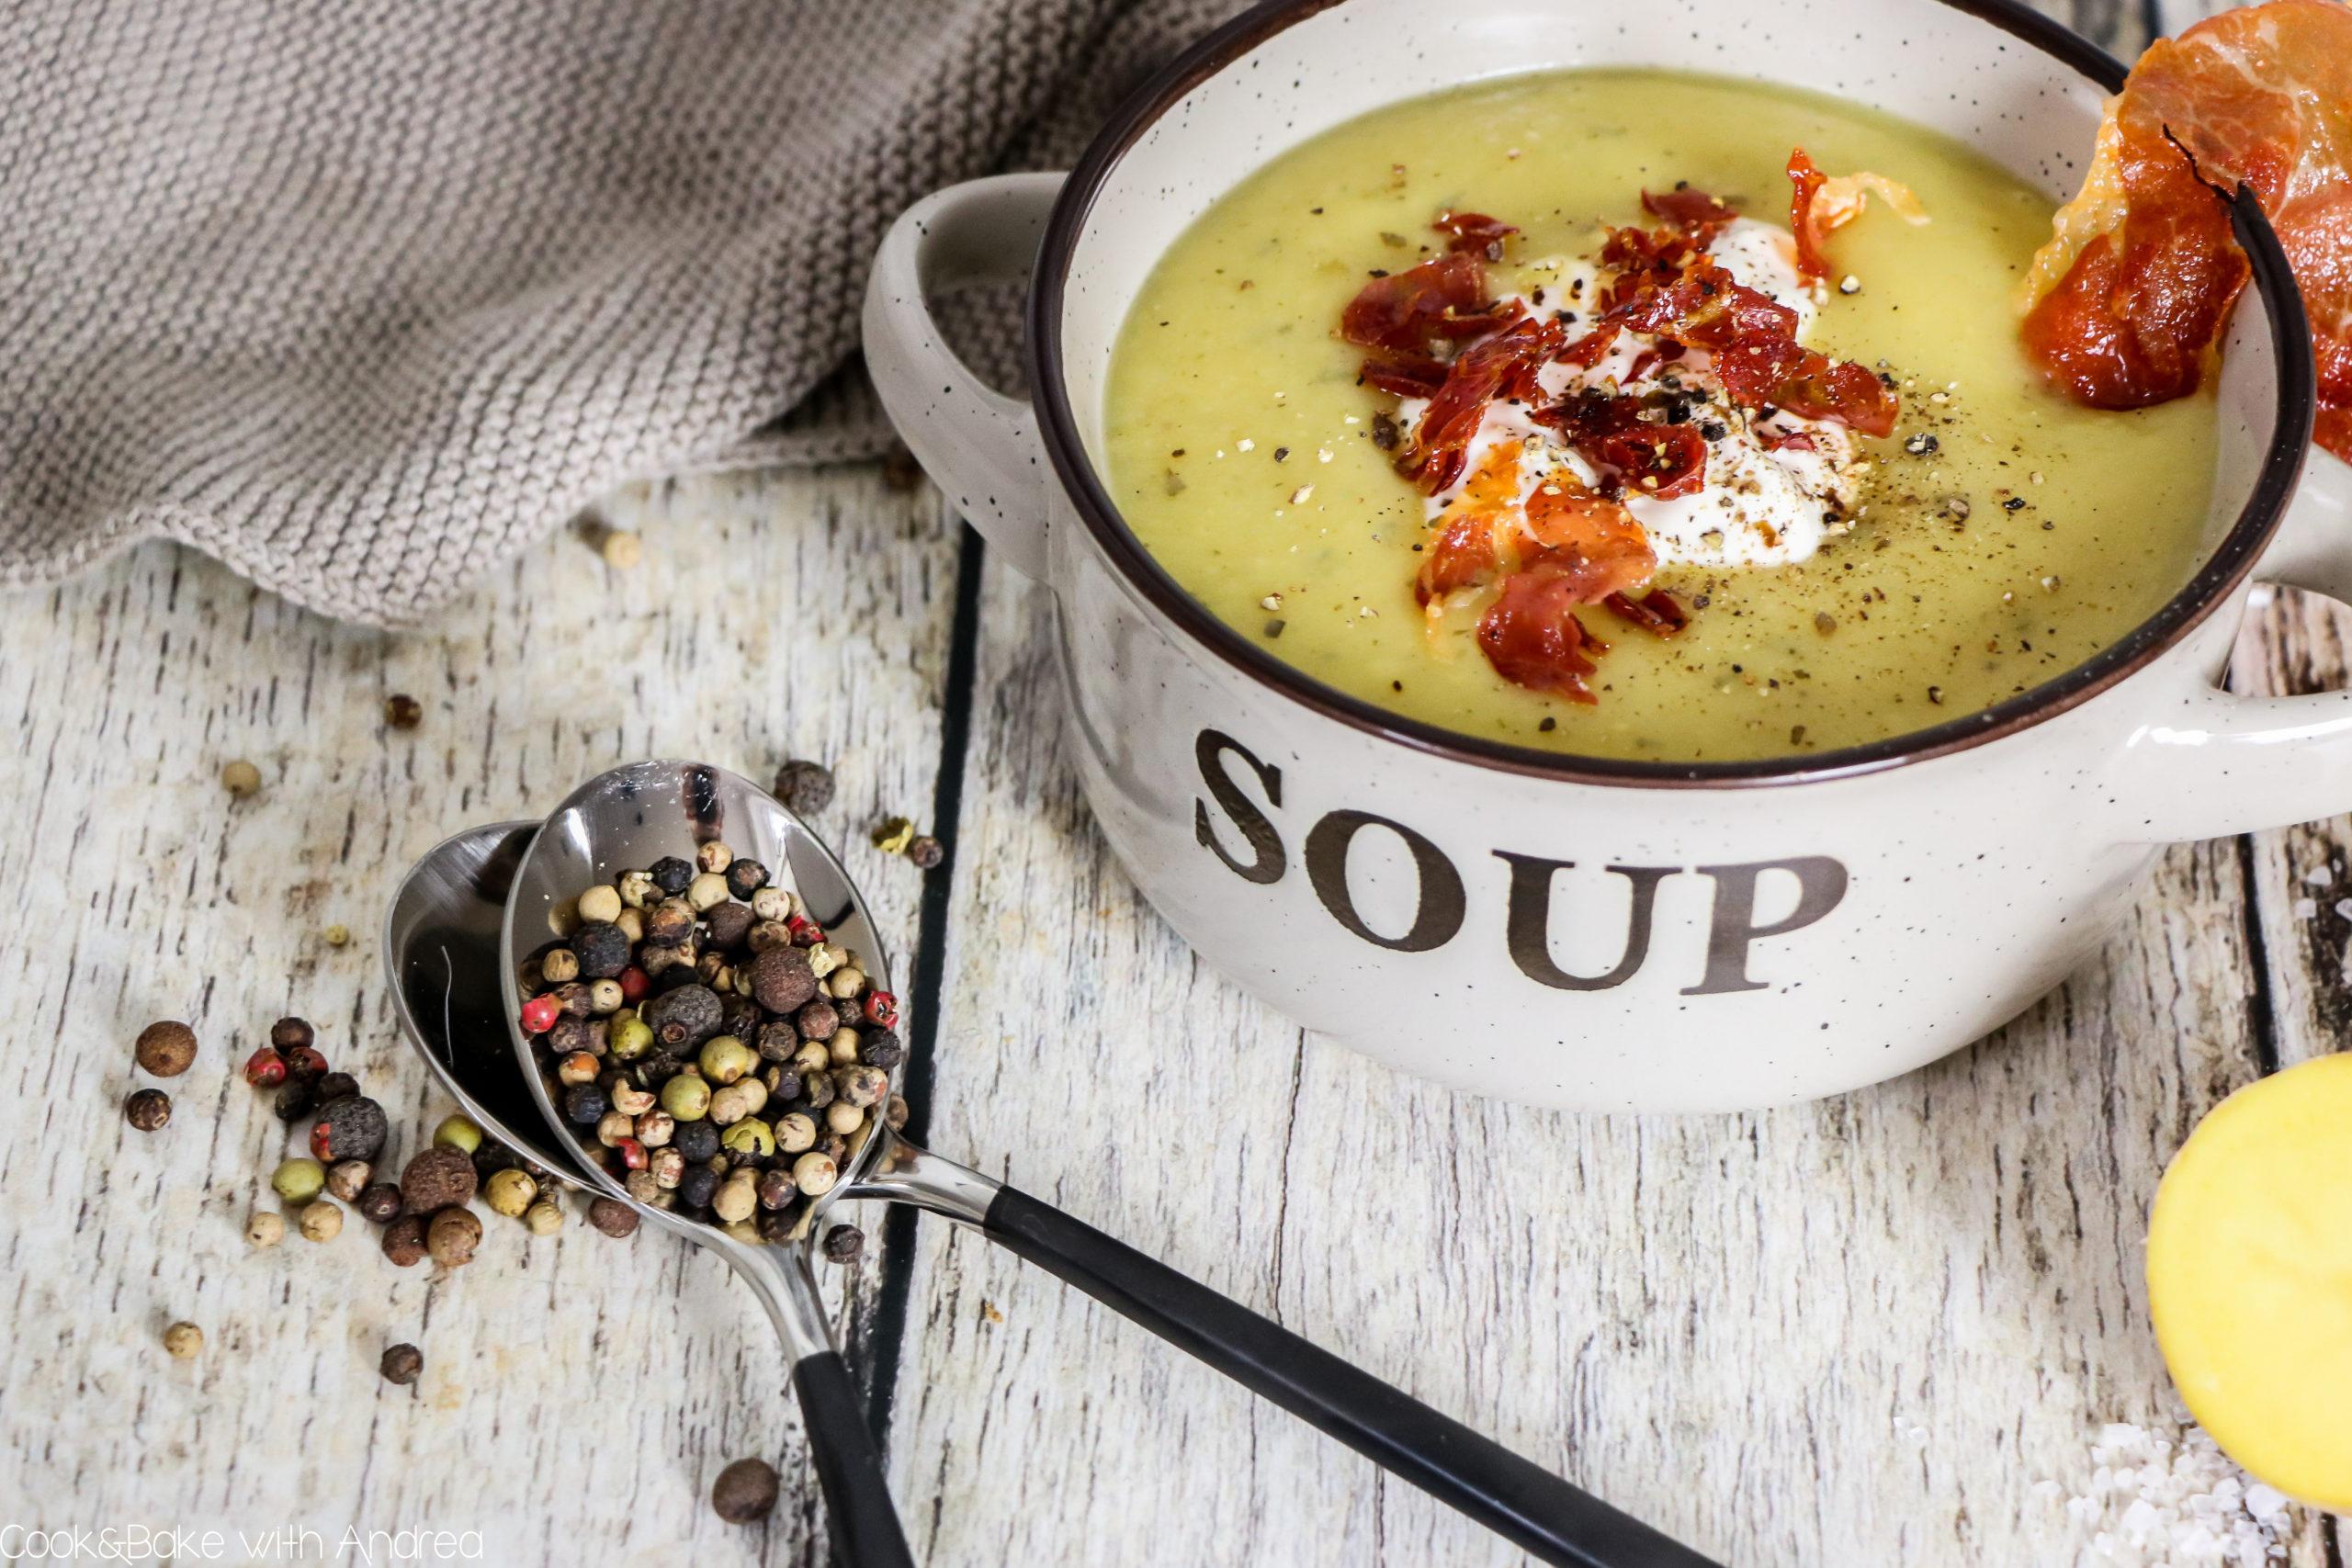 Ein wärmendes Süppchen ist ein Muss an kalten Wintertagen. Meine Pastinaken-Kartoffel-Suppe mit Serrano Schinken Chip ist da genau die richtige Wahl. Das einfache Rezept passend zu Weihnachten gibt´s auf dem Blog von Cook and Bake with Andrea.